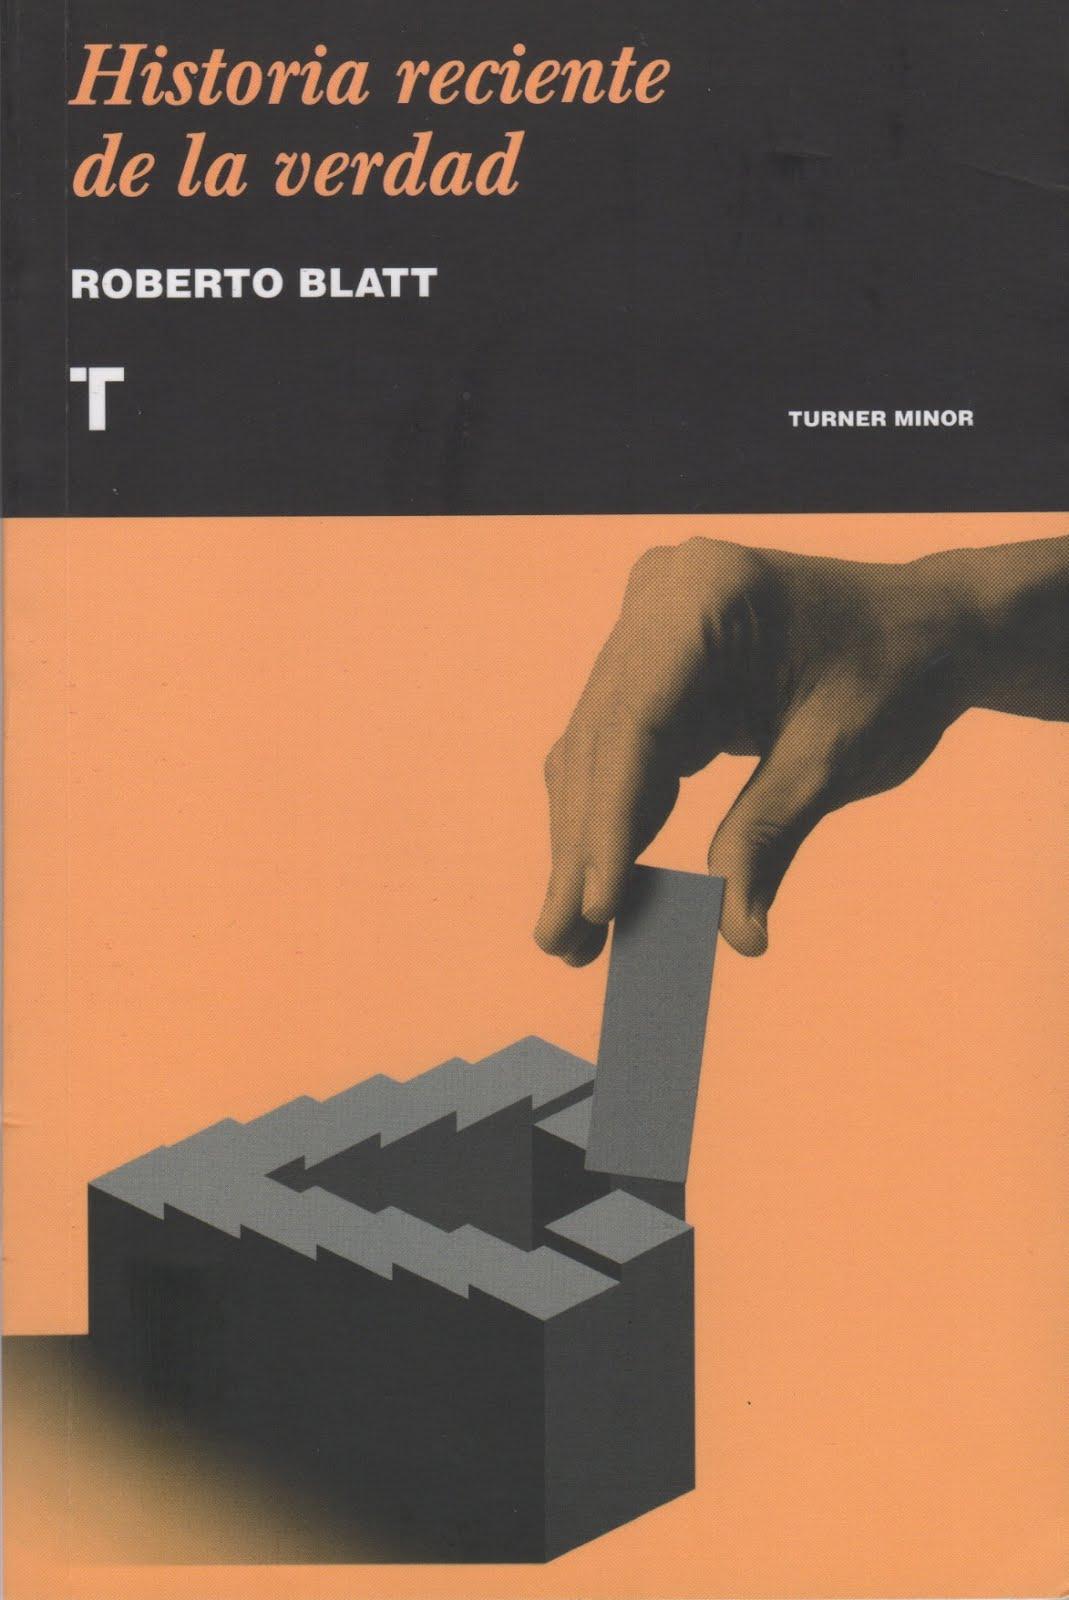 Roberto Baltt (Historia reciente de la verdad)